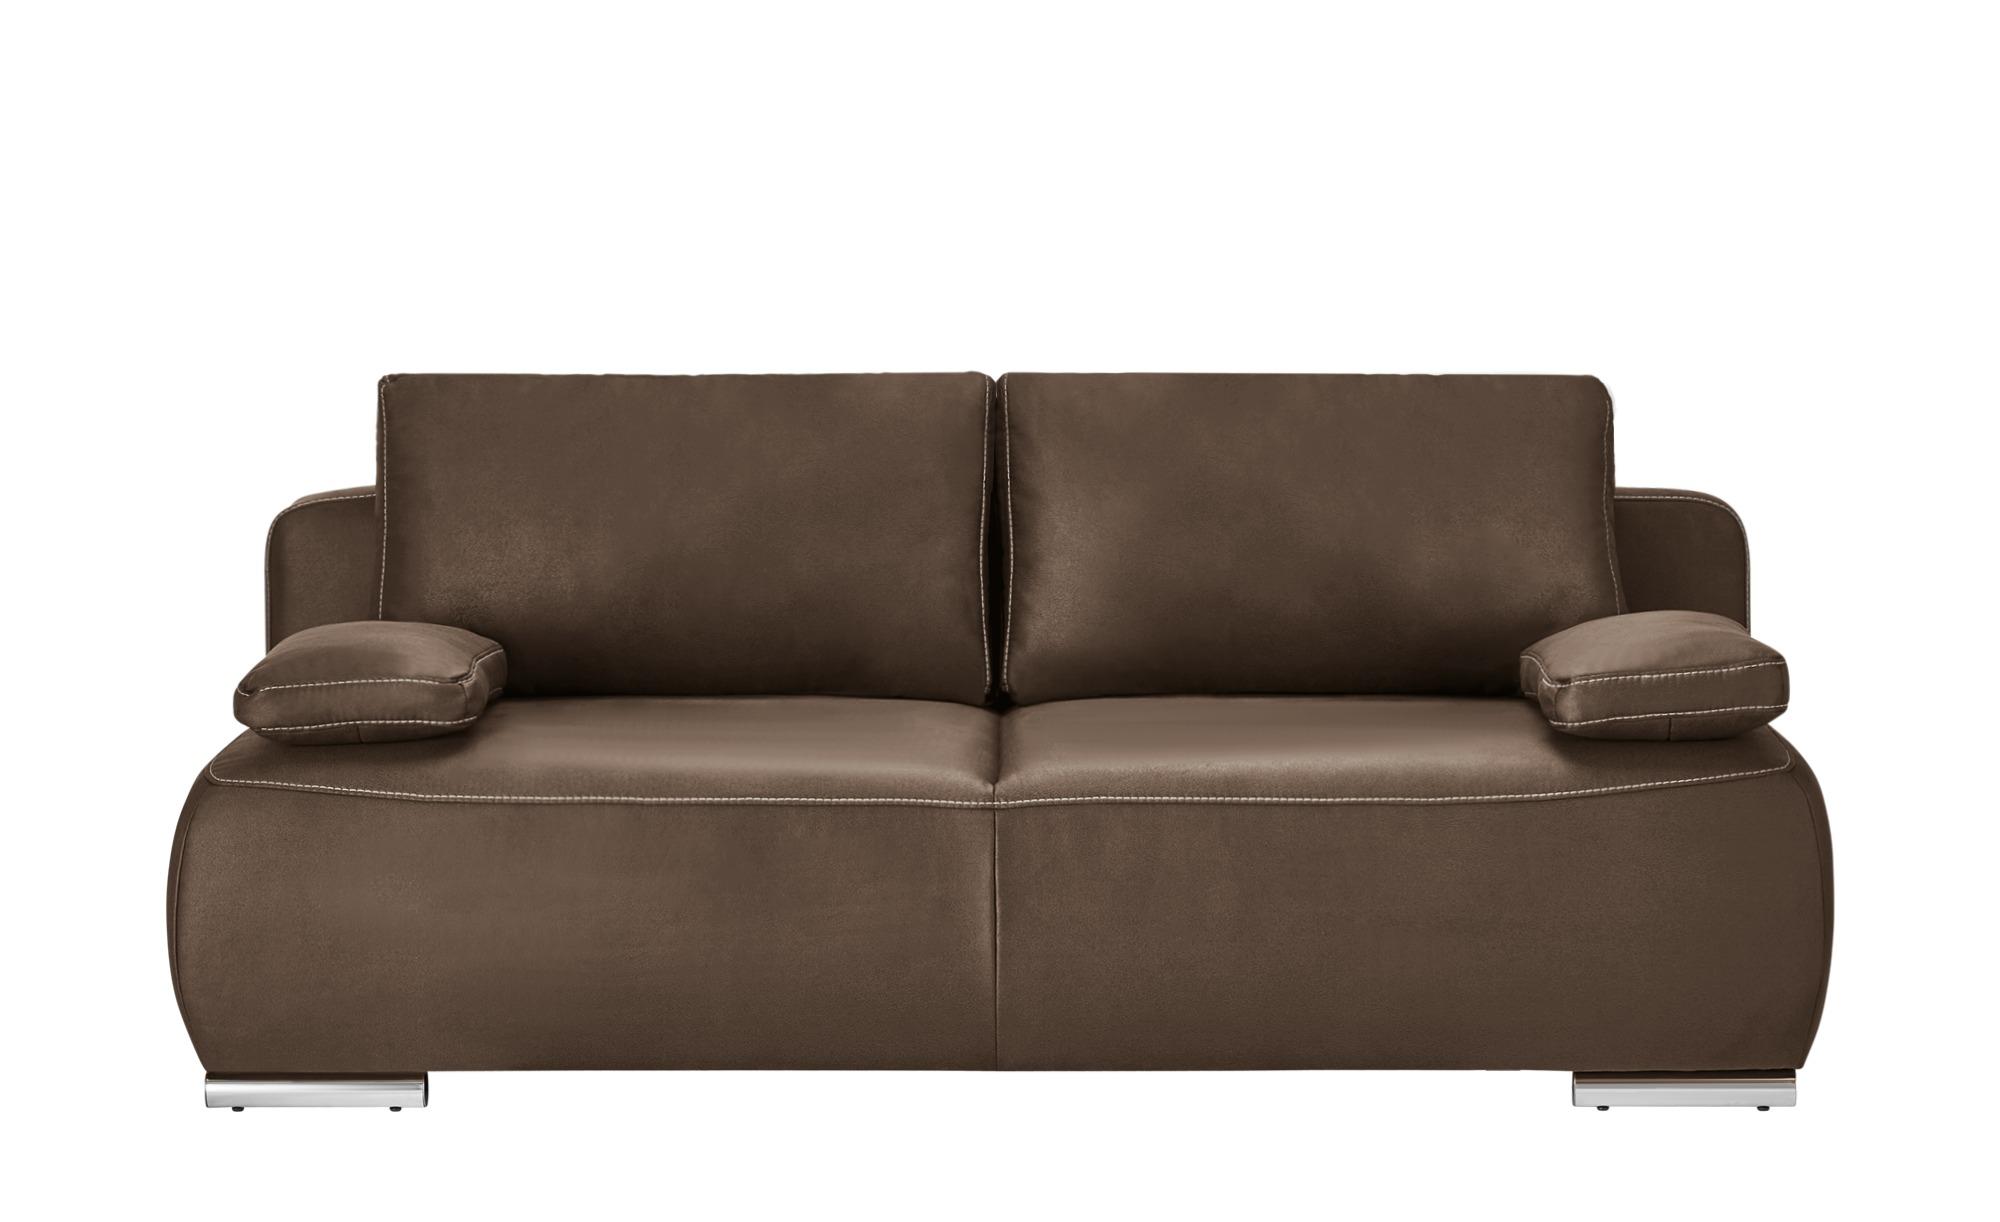 bobb Schlafsofa braun - Mikrofaser Neila Deluxe ¦ braun ¦ Maße (cm): B: 204 H: 86 T: 96 Polstermöbel > Sofas > 3-Sitzer - Höffner